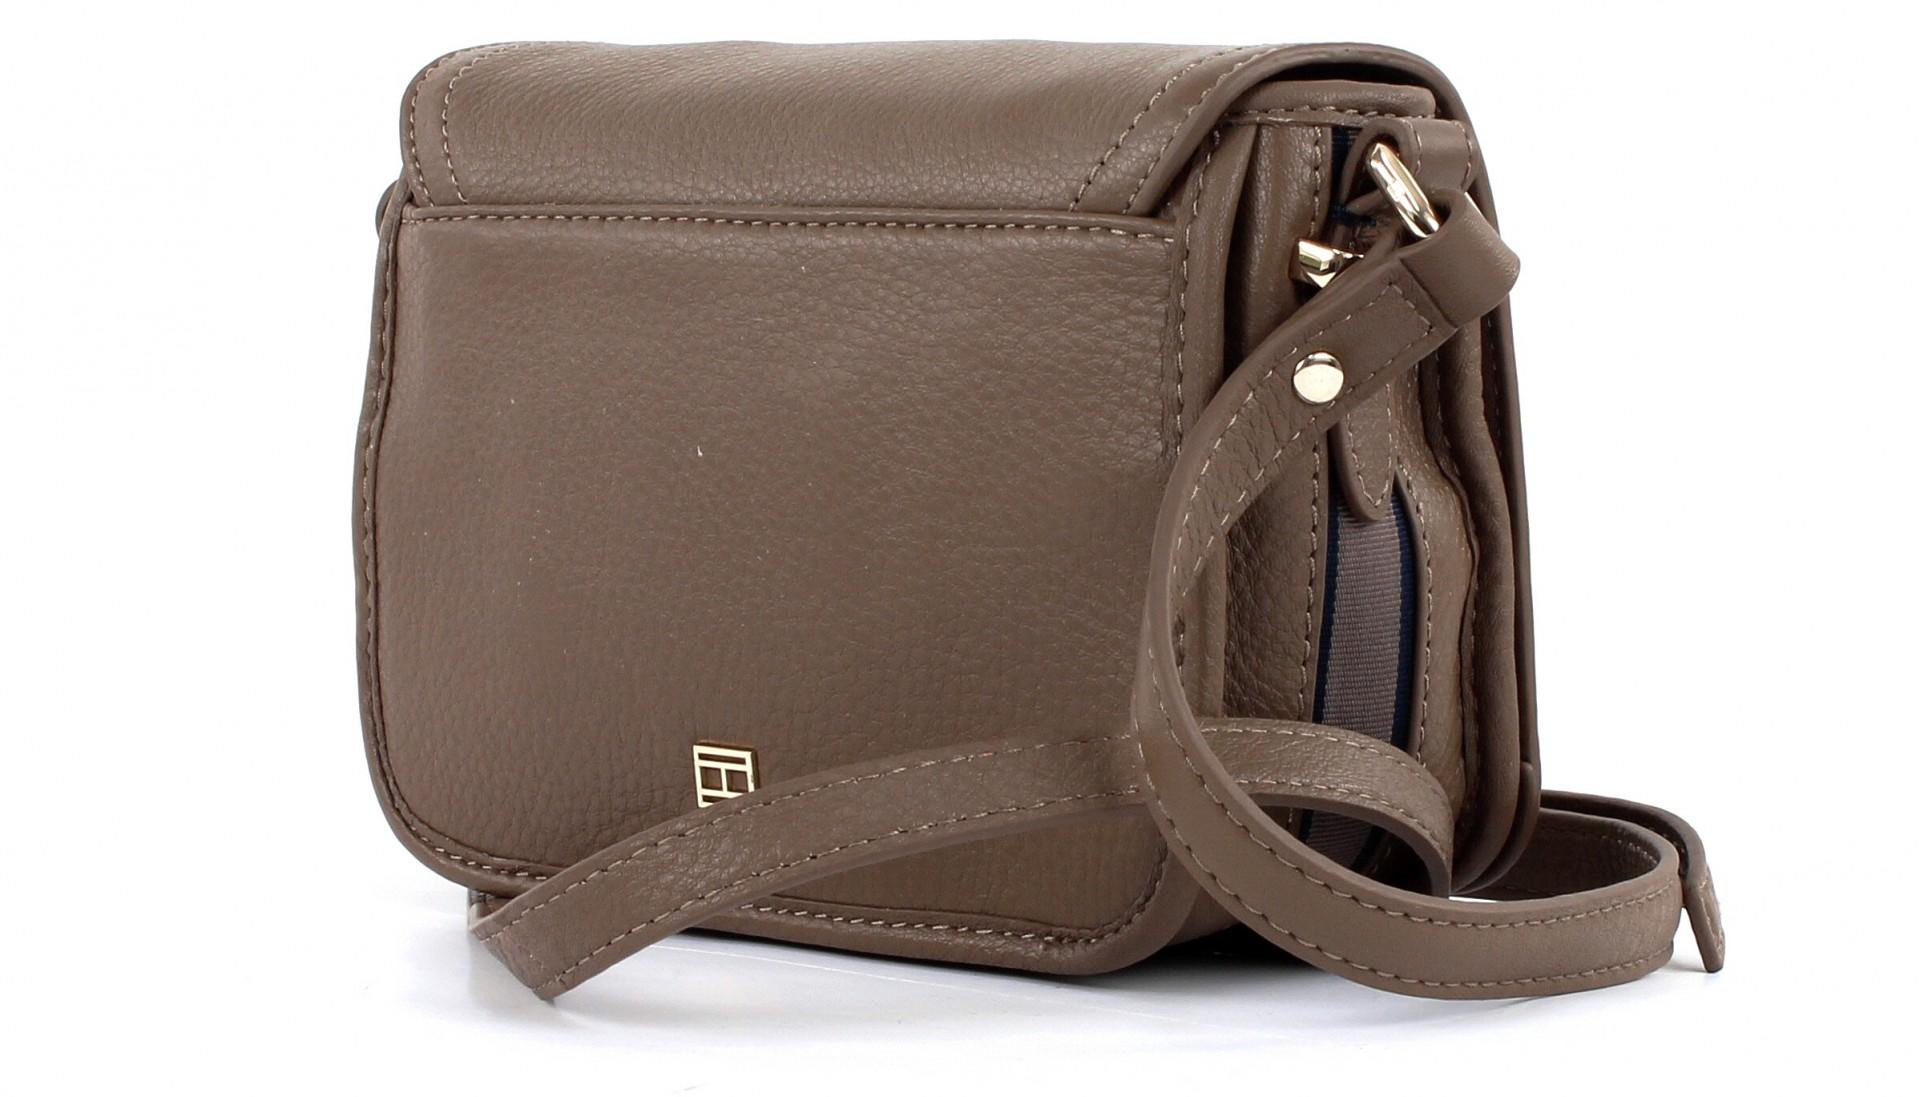 tommy hilfiger florence flap crossover the small shoulder bag. Black Bedroom Furniture Sets. Home Design Ideas